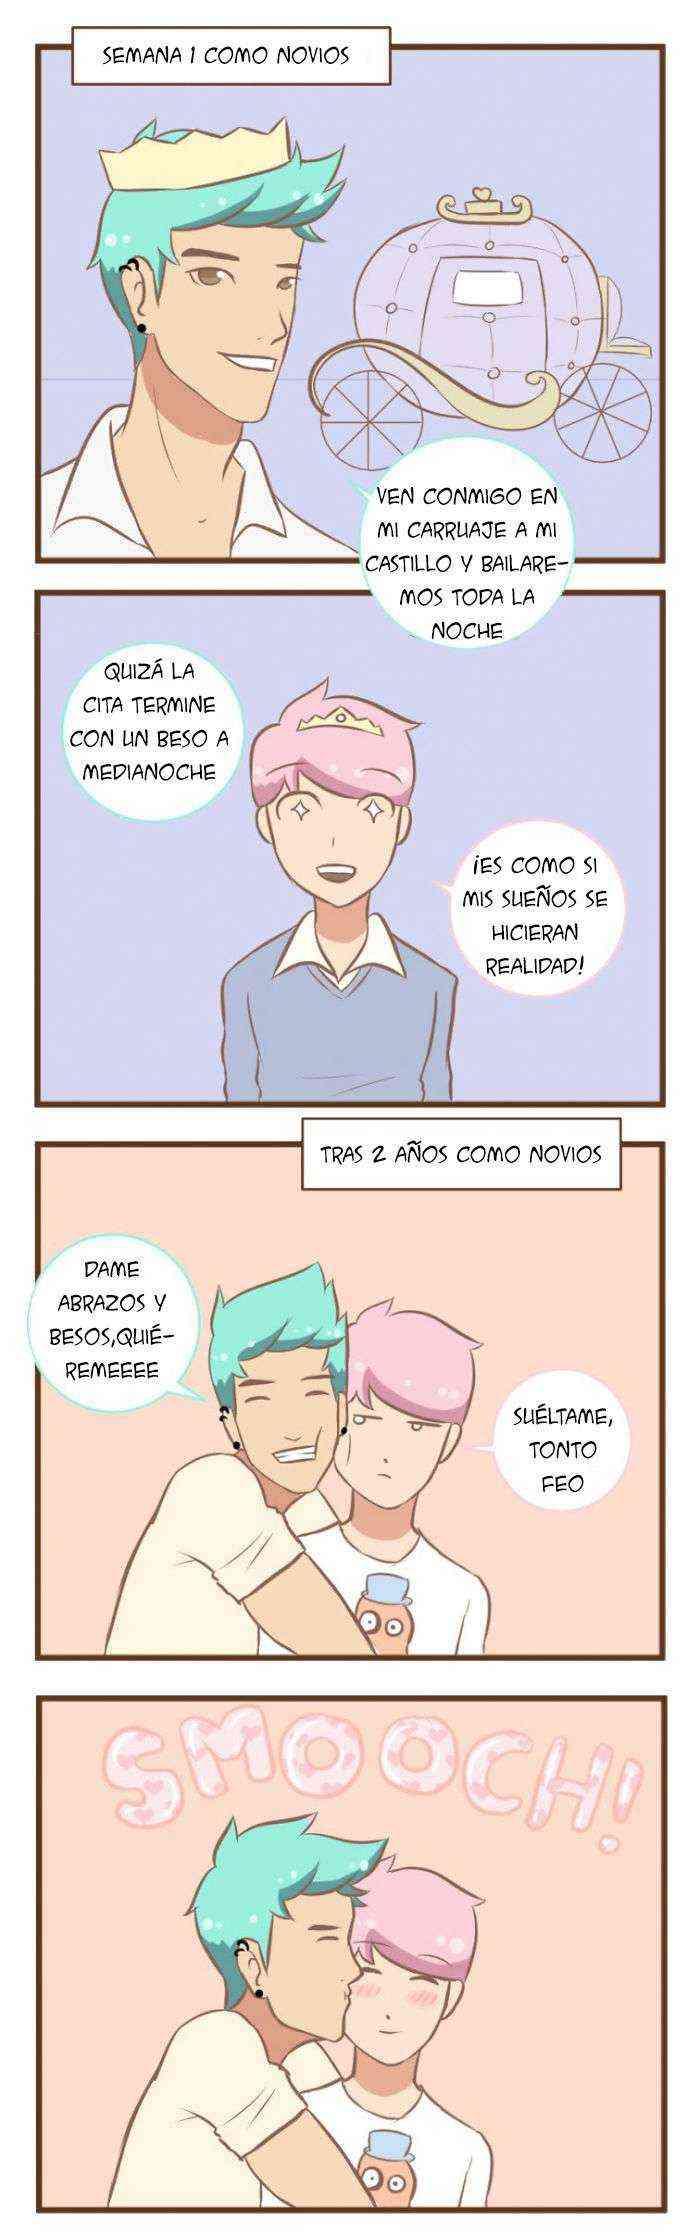 1522241345 770 20 adorables comics sobre la vida diaria de una pareja gay - 20 Adorables cómics sobre la vida diaria de una pareja gay